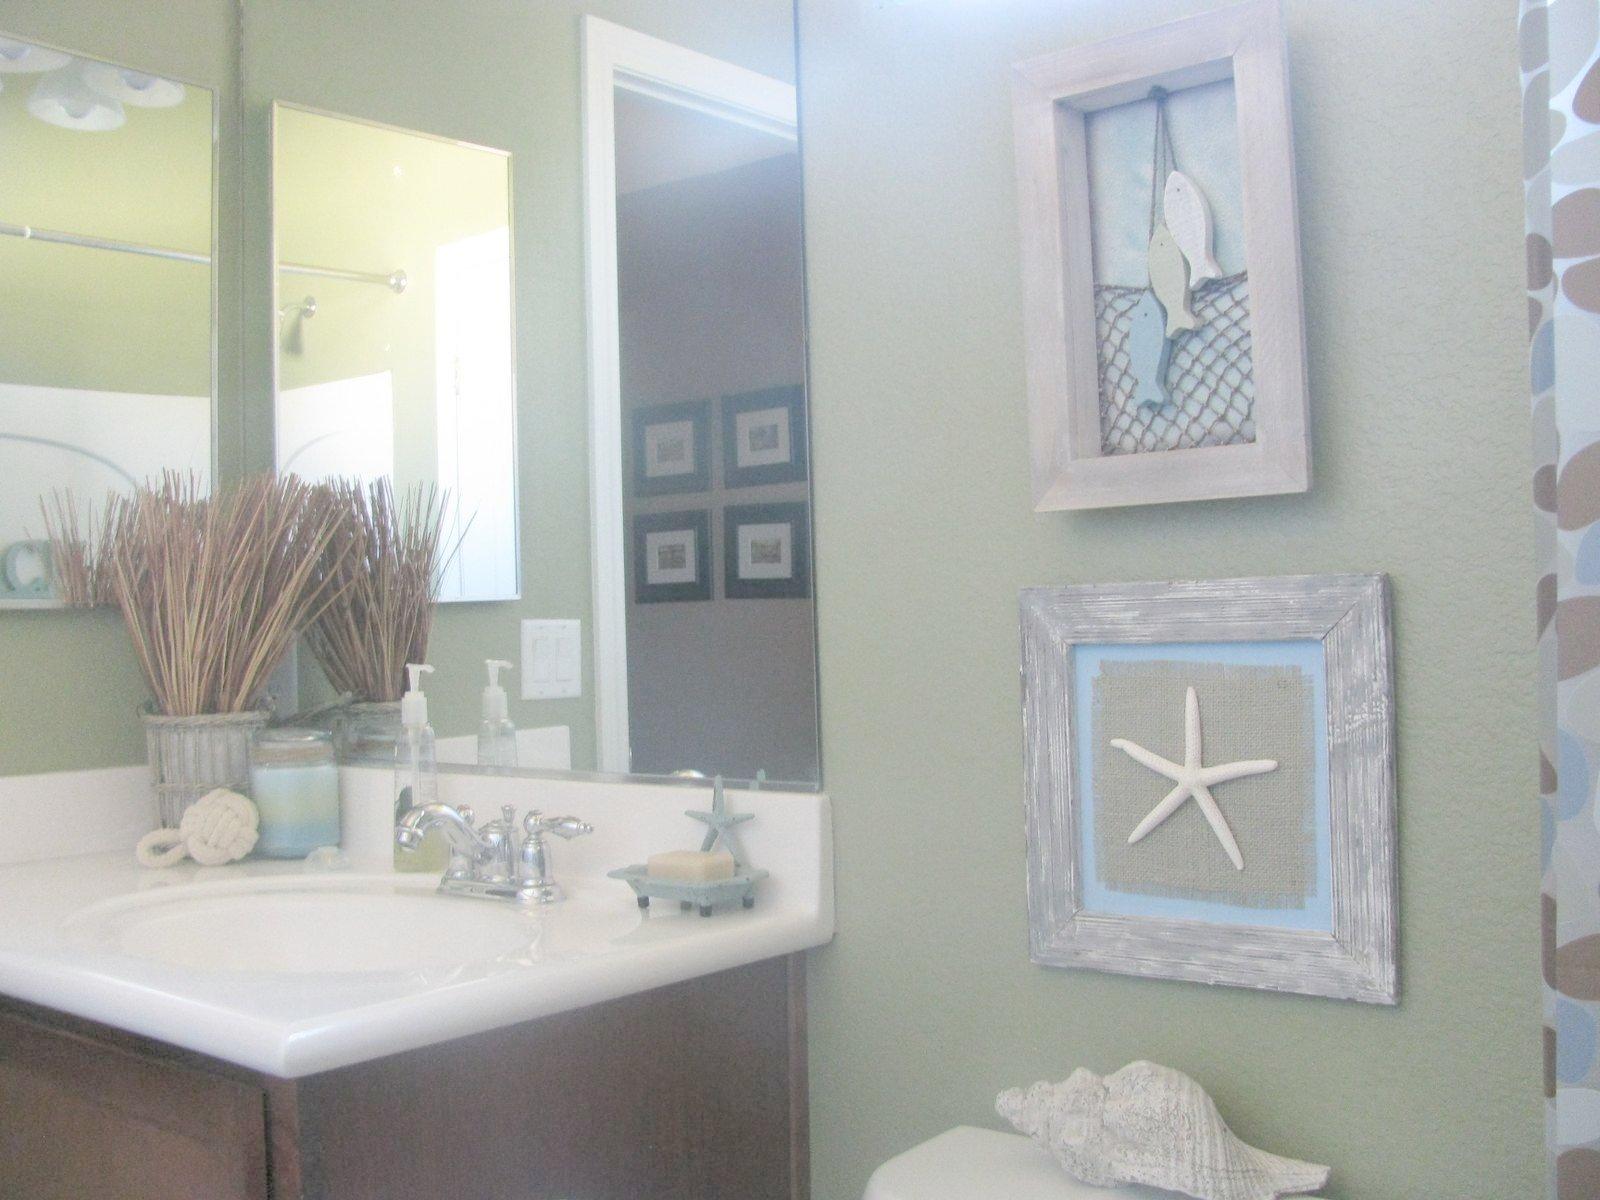 Beach Bathroom Decor Icmt Set Beach Bathroom Decor To Try